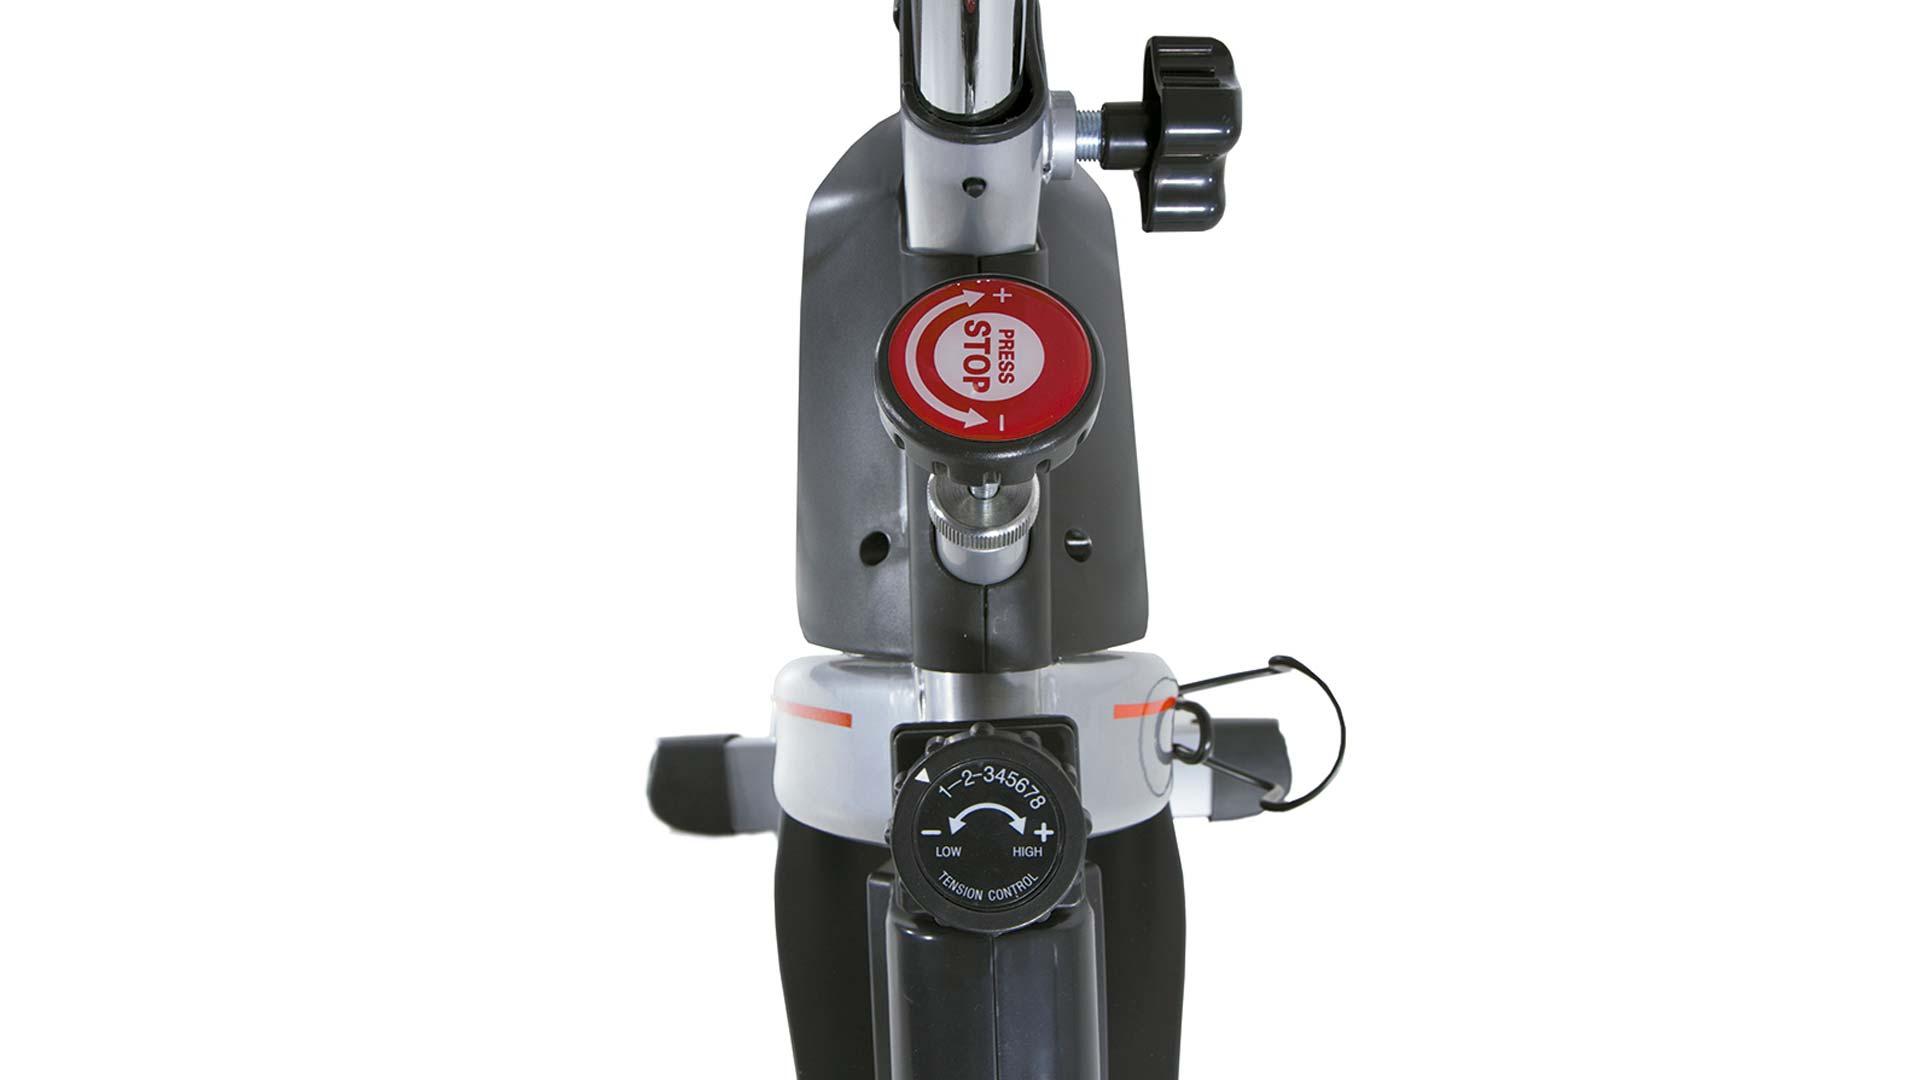 Spada 2 H9350